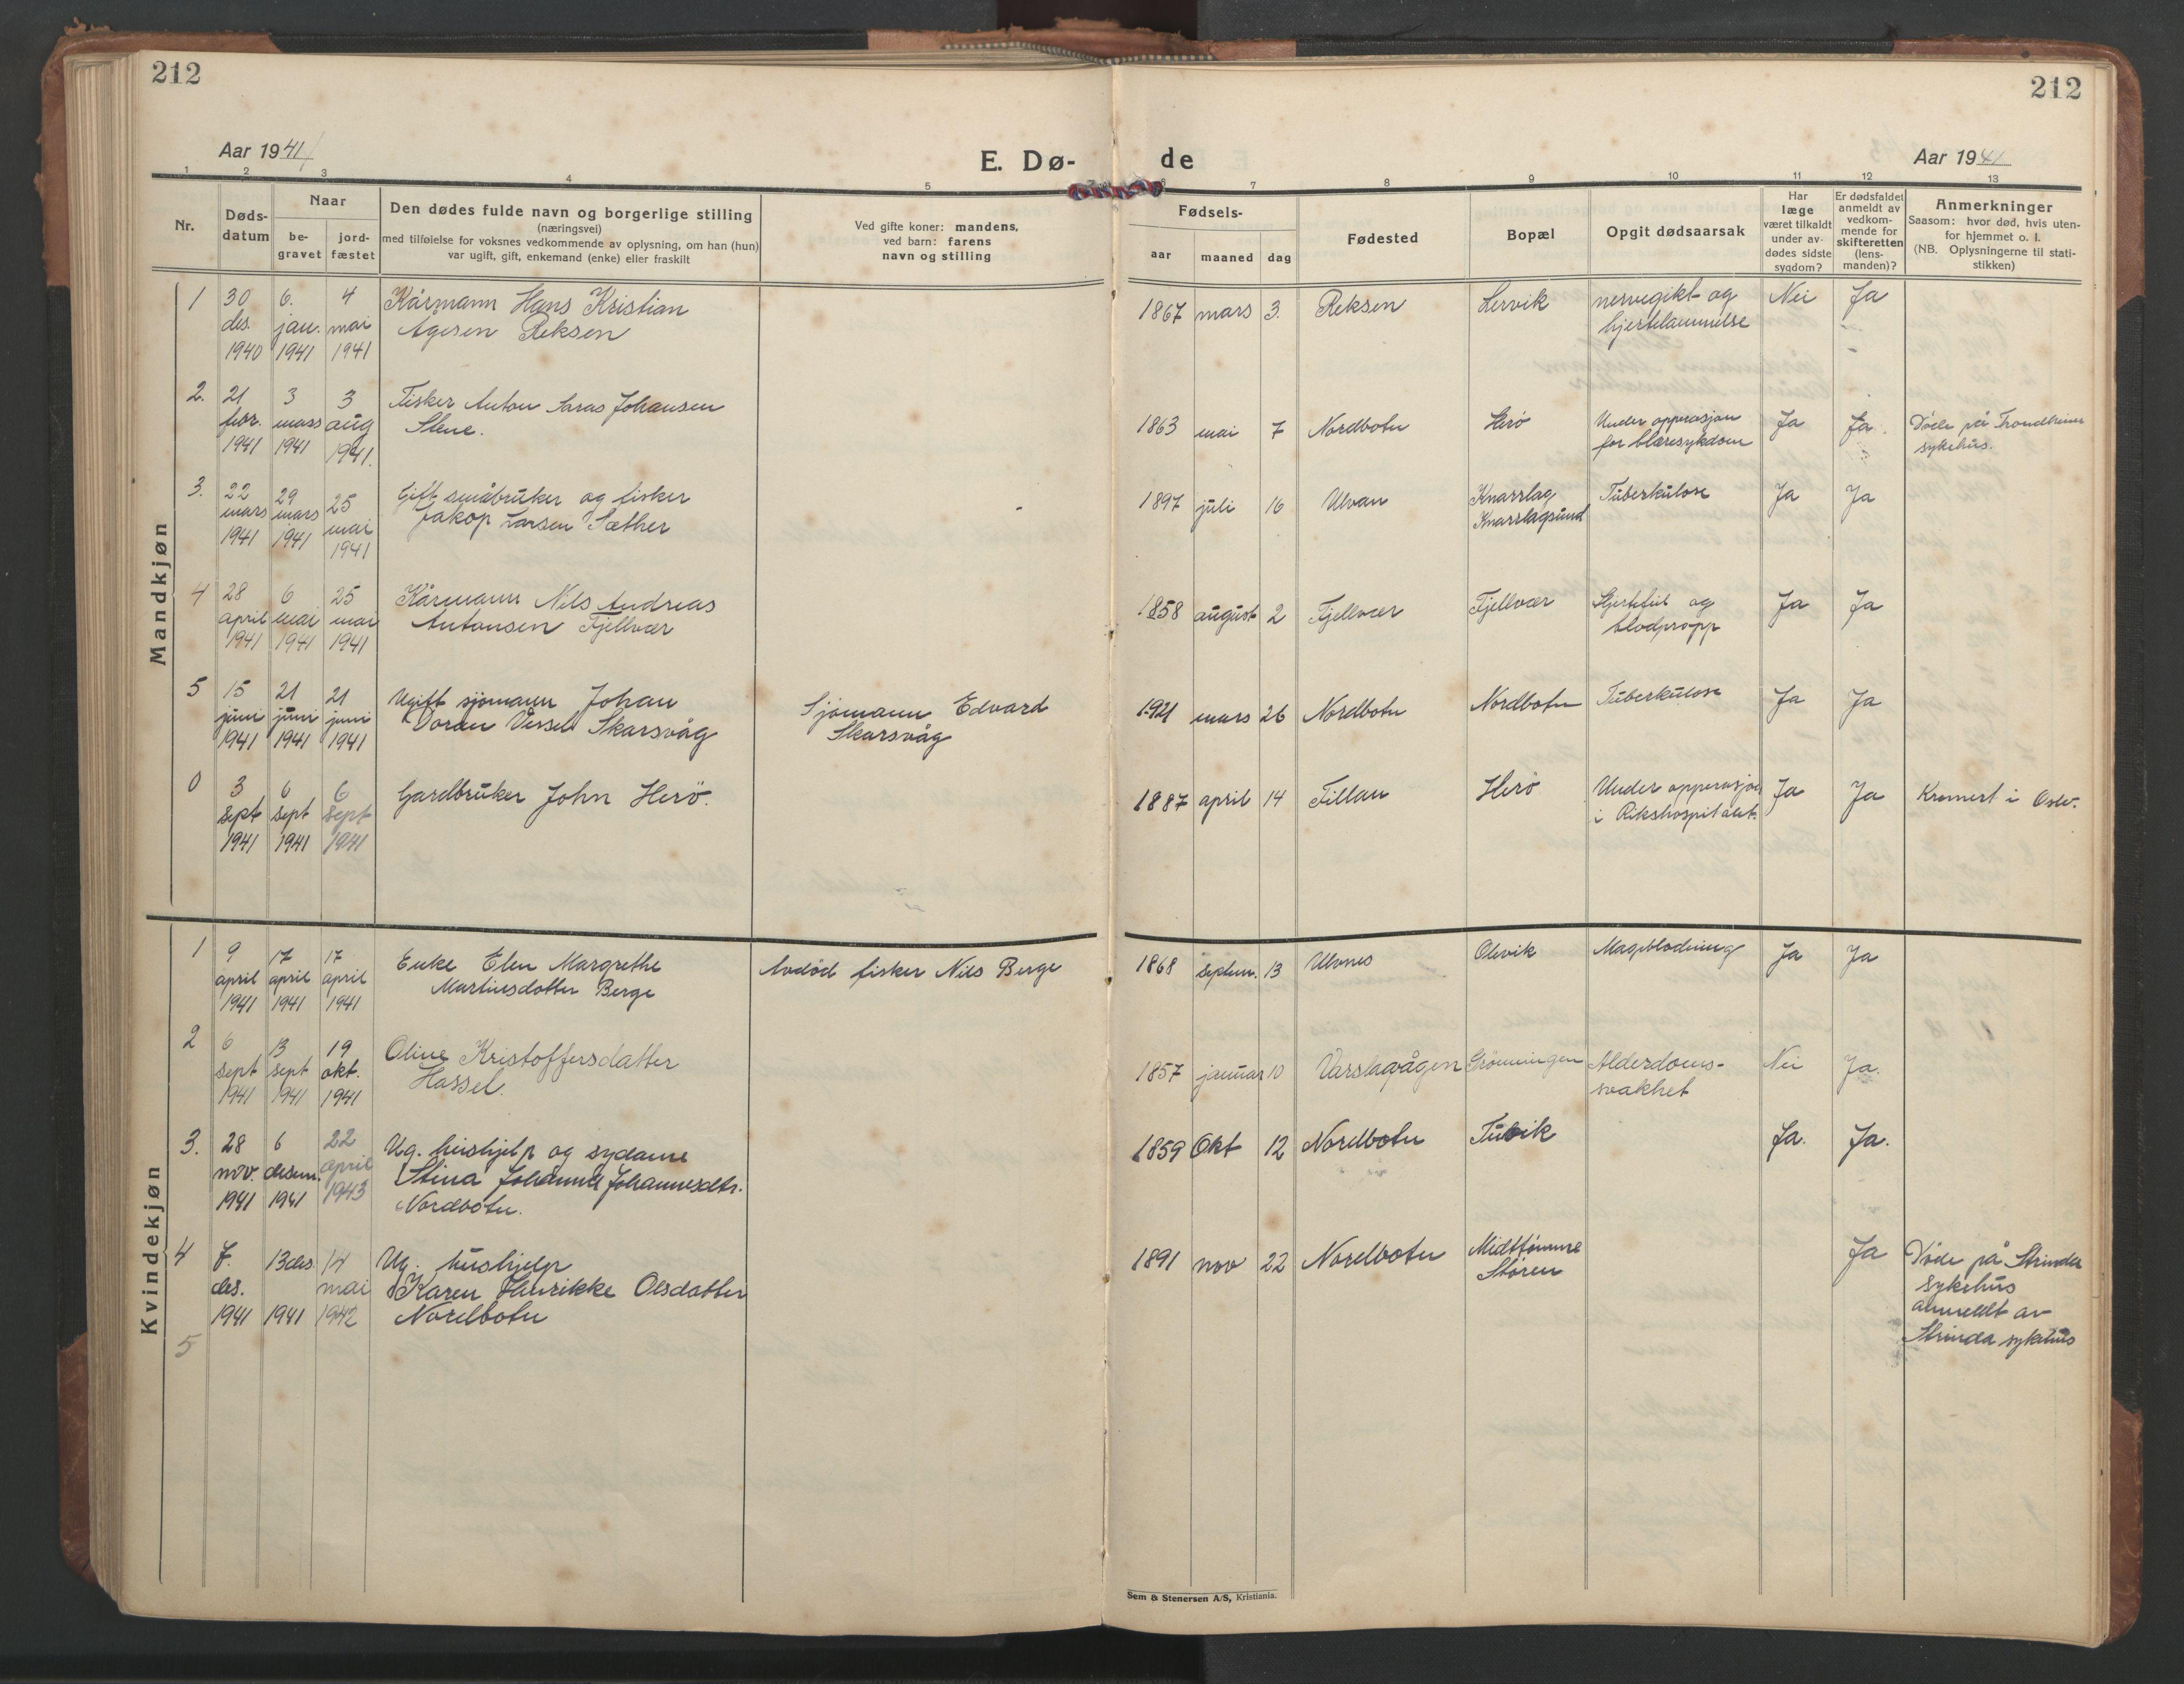 SAT, Ministerialprotokoller, klokkerbøker og fødselsregistre - Sør-Trøndelag, 638/L0569: Klokkerbok nr. 638C01, 1923-1961, s. 212